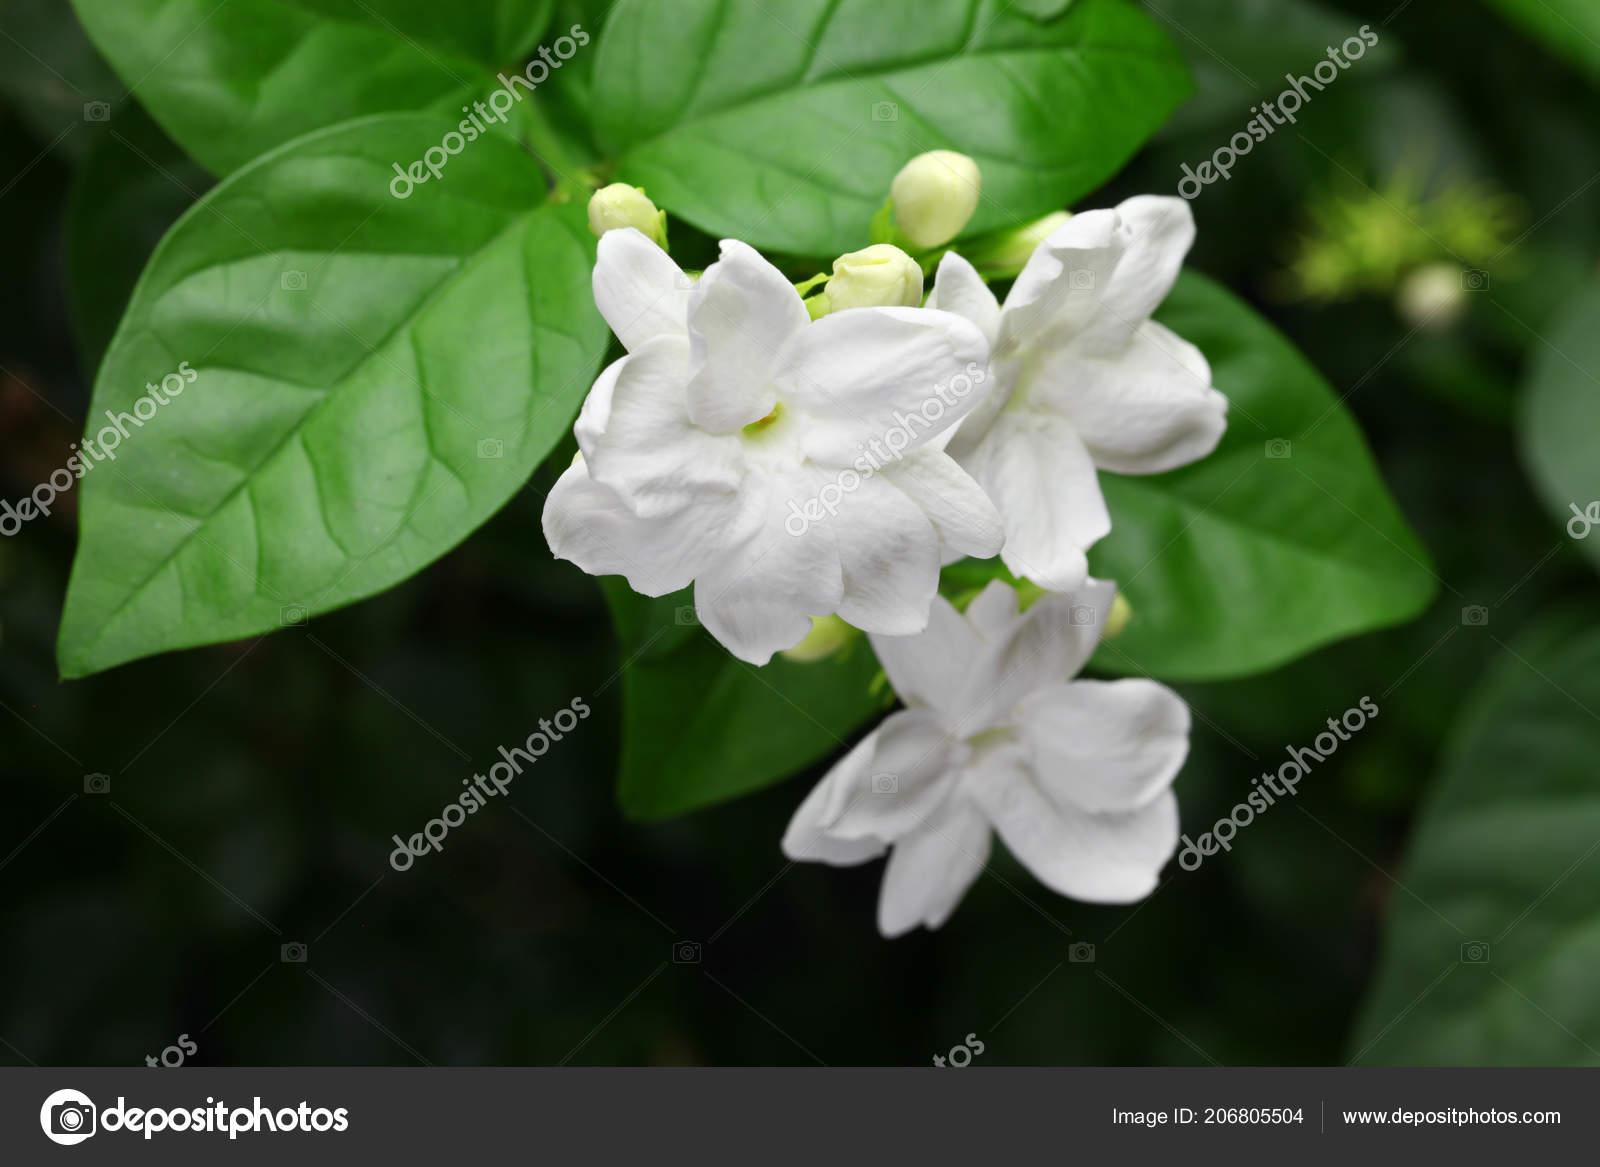 Jasmine tea flower arabian jasmine jasminum sambac stock photo jasmine tea flower arabian jasmine jasminum sambac stock photo izmirmasajfo